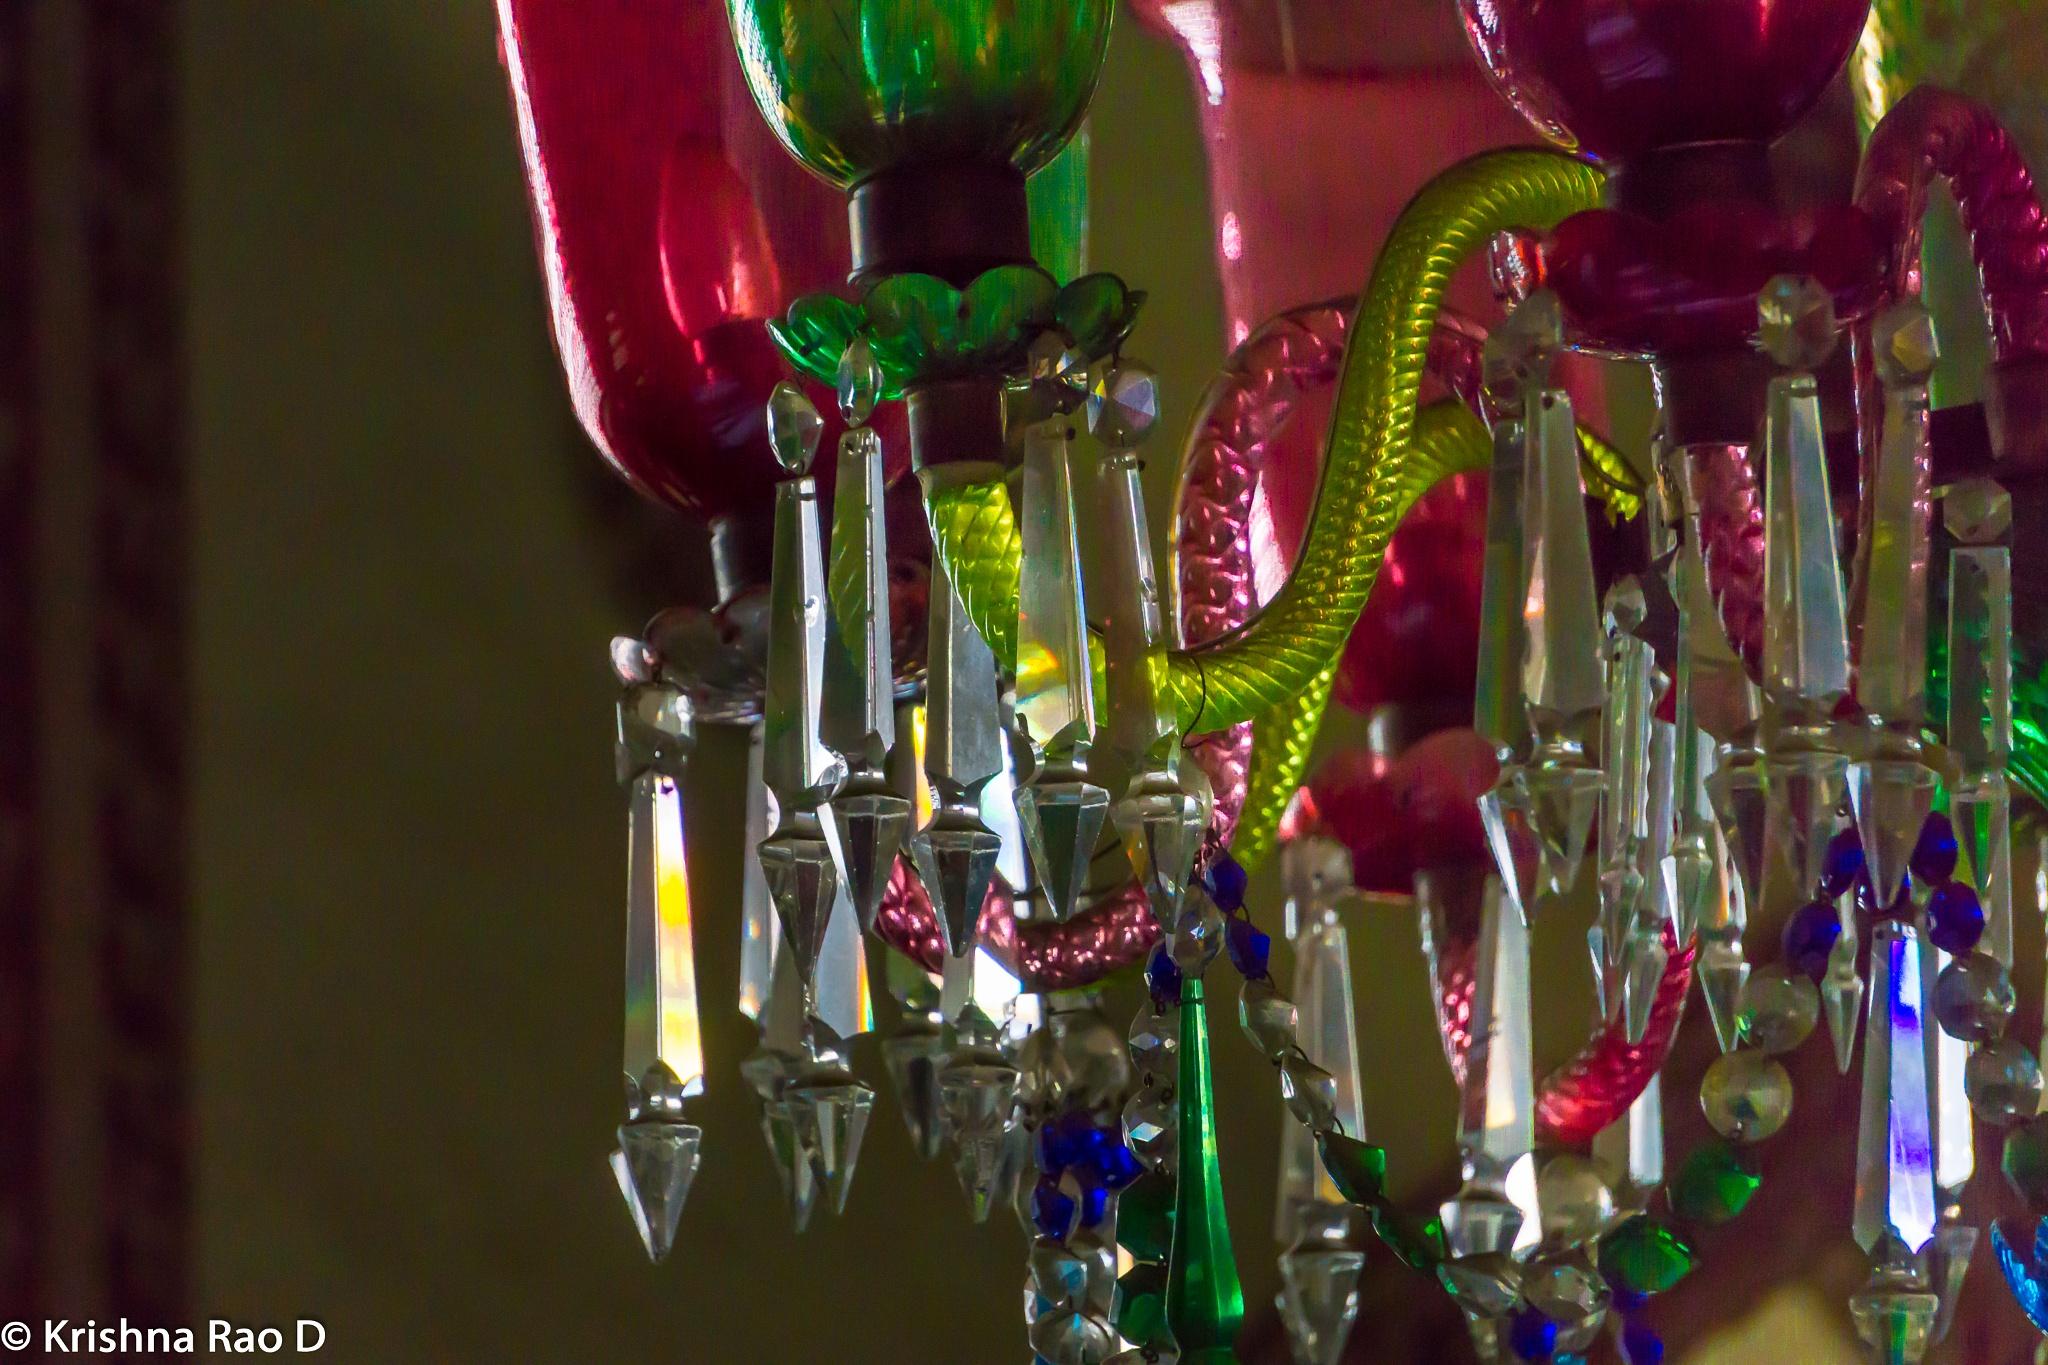 chandelier by Krishna Rao D